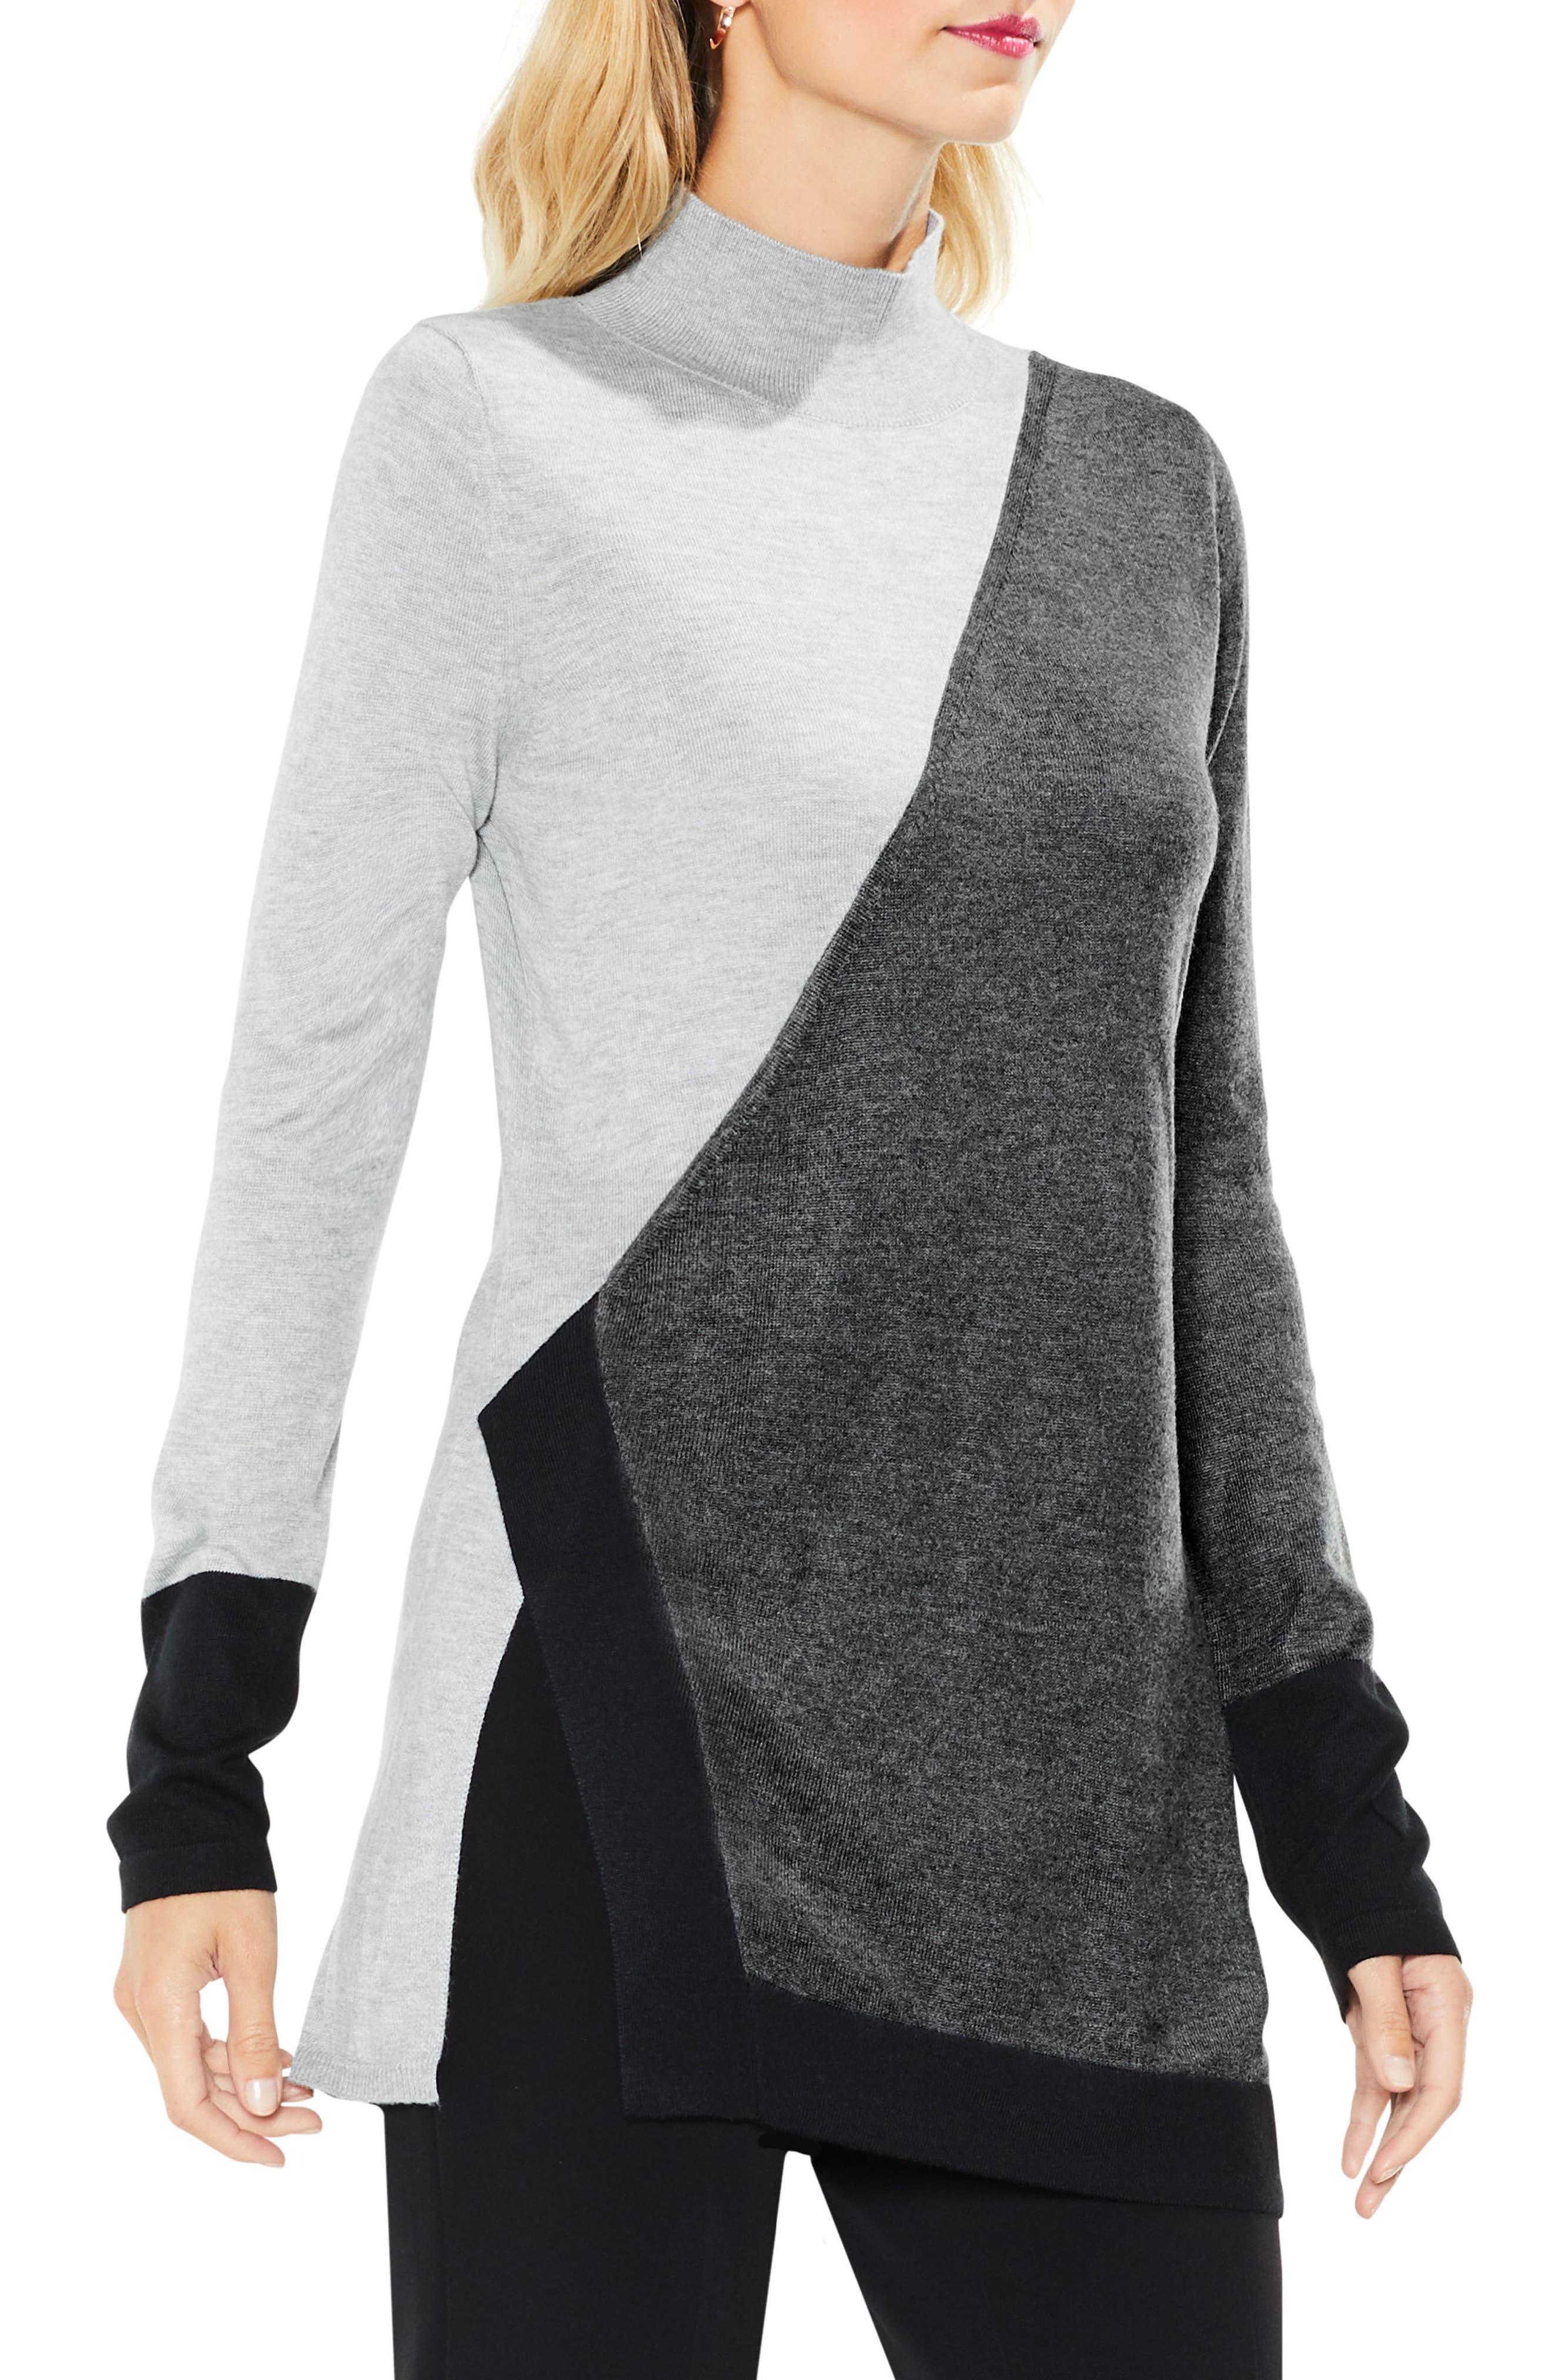 Women's Grey Turtleneck Sweaters | Nordstrom